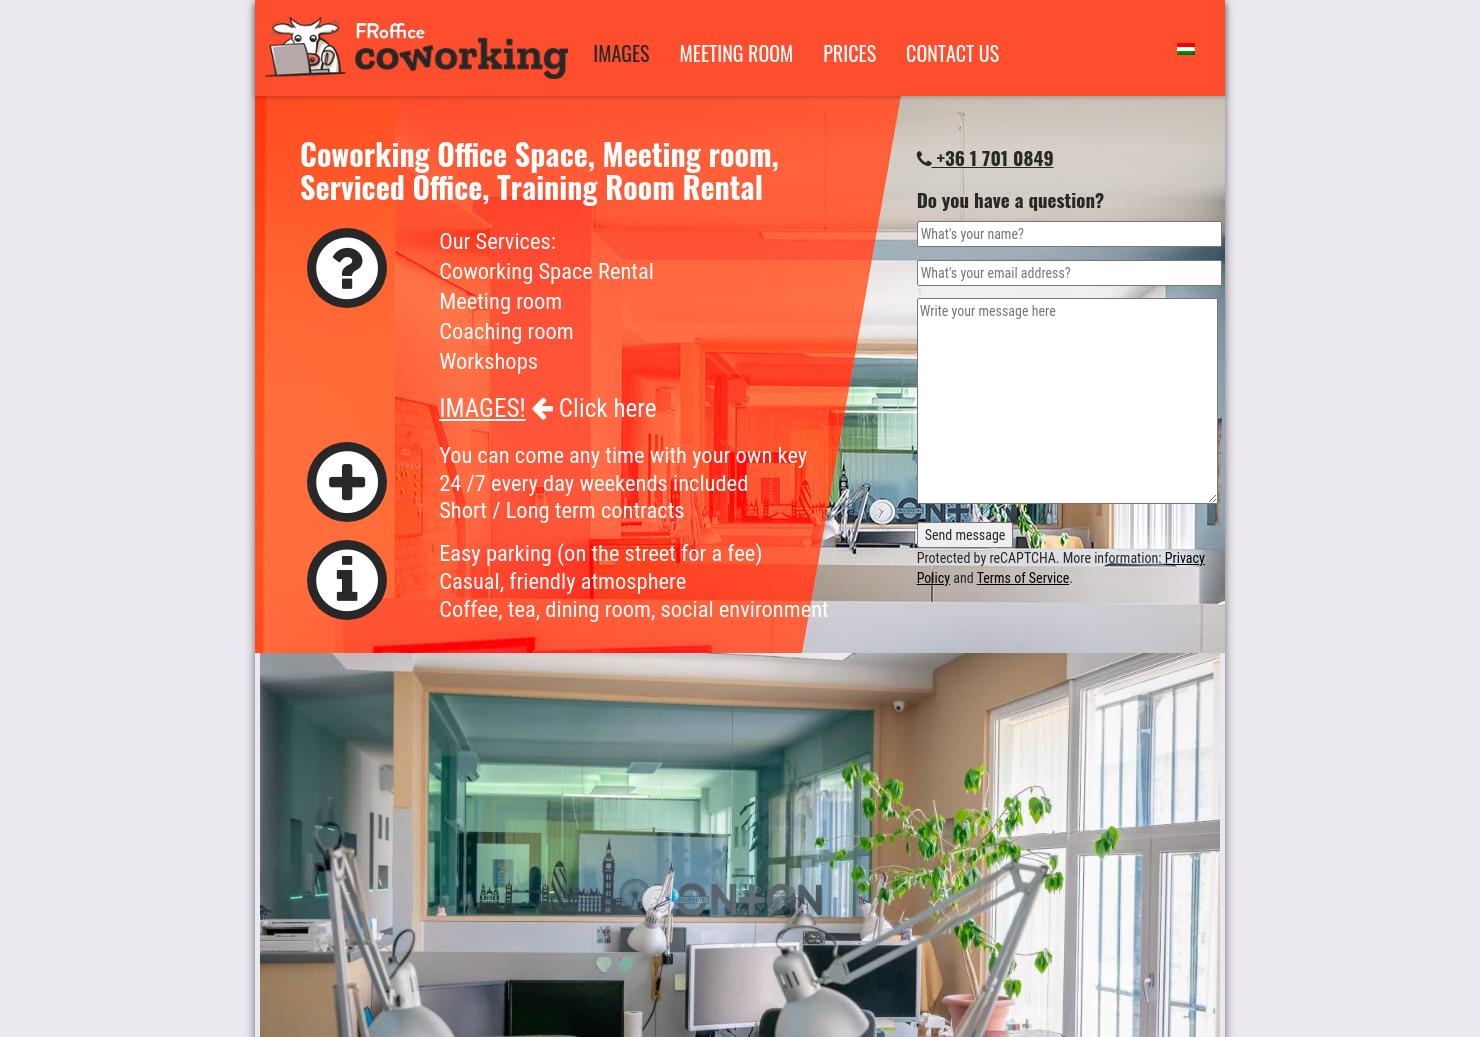 http://coworkingdesign.com/